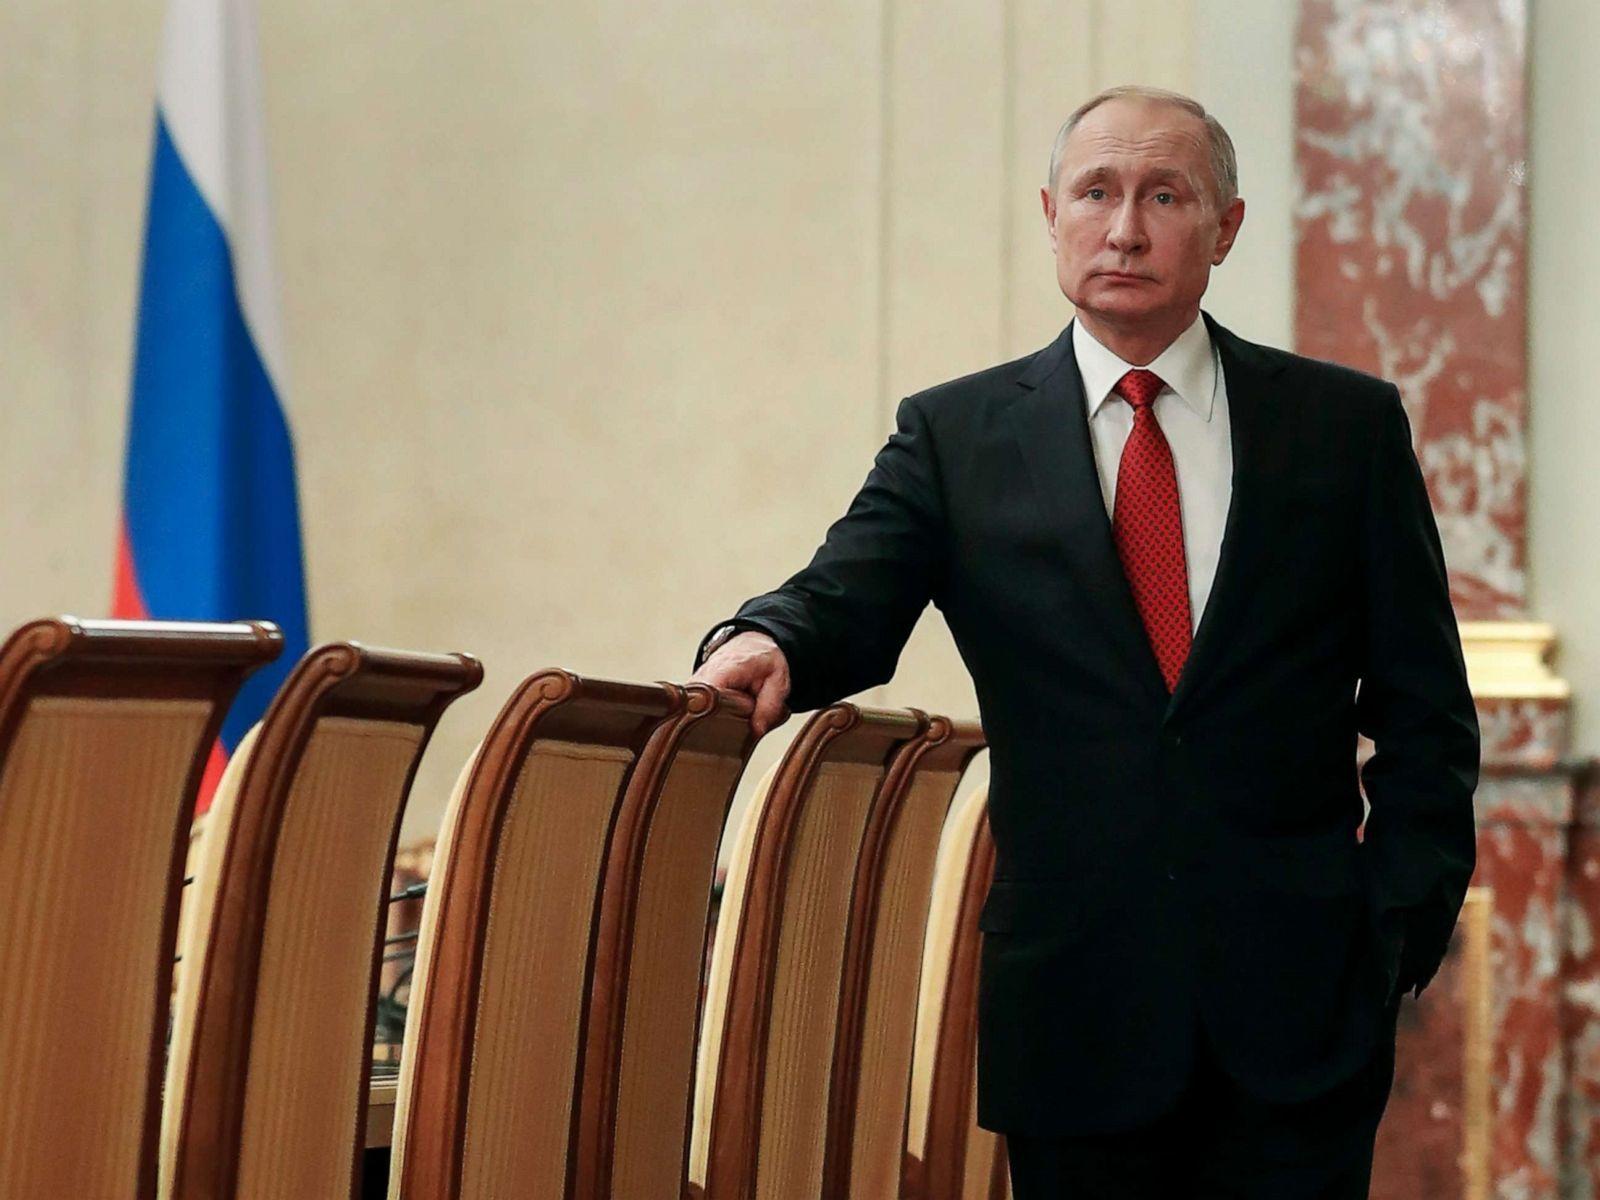 """Өөрөөсөө илүү """"Орос баавгай"""" гаргаж ирэх сонирхол Путинд байхгүй"""